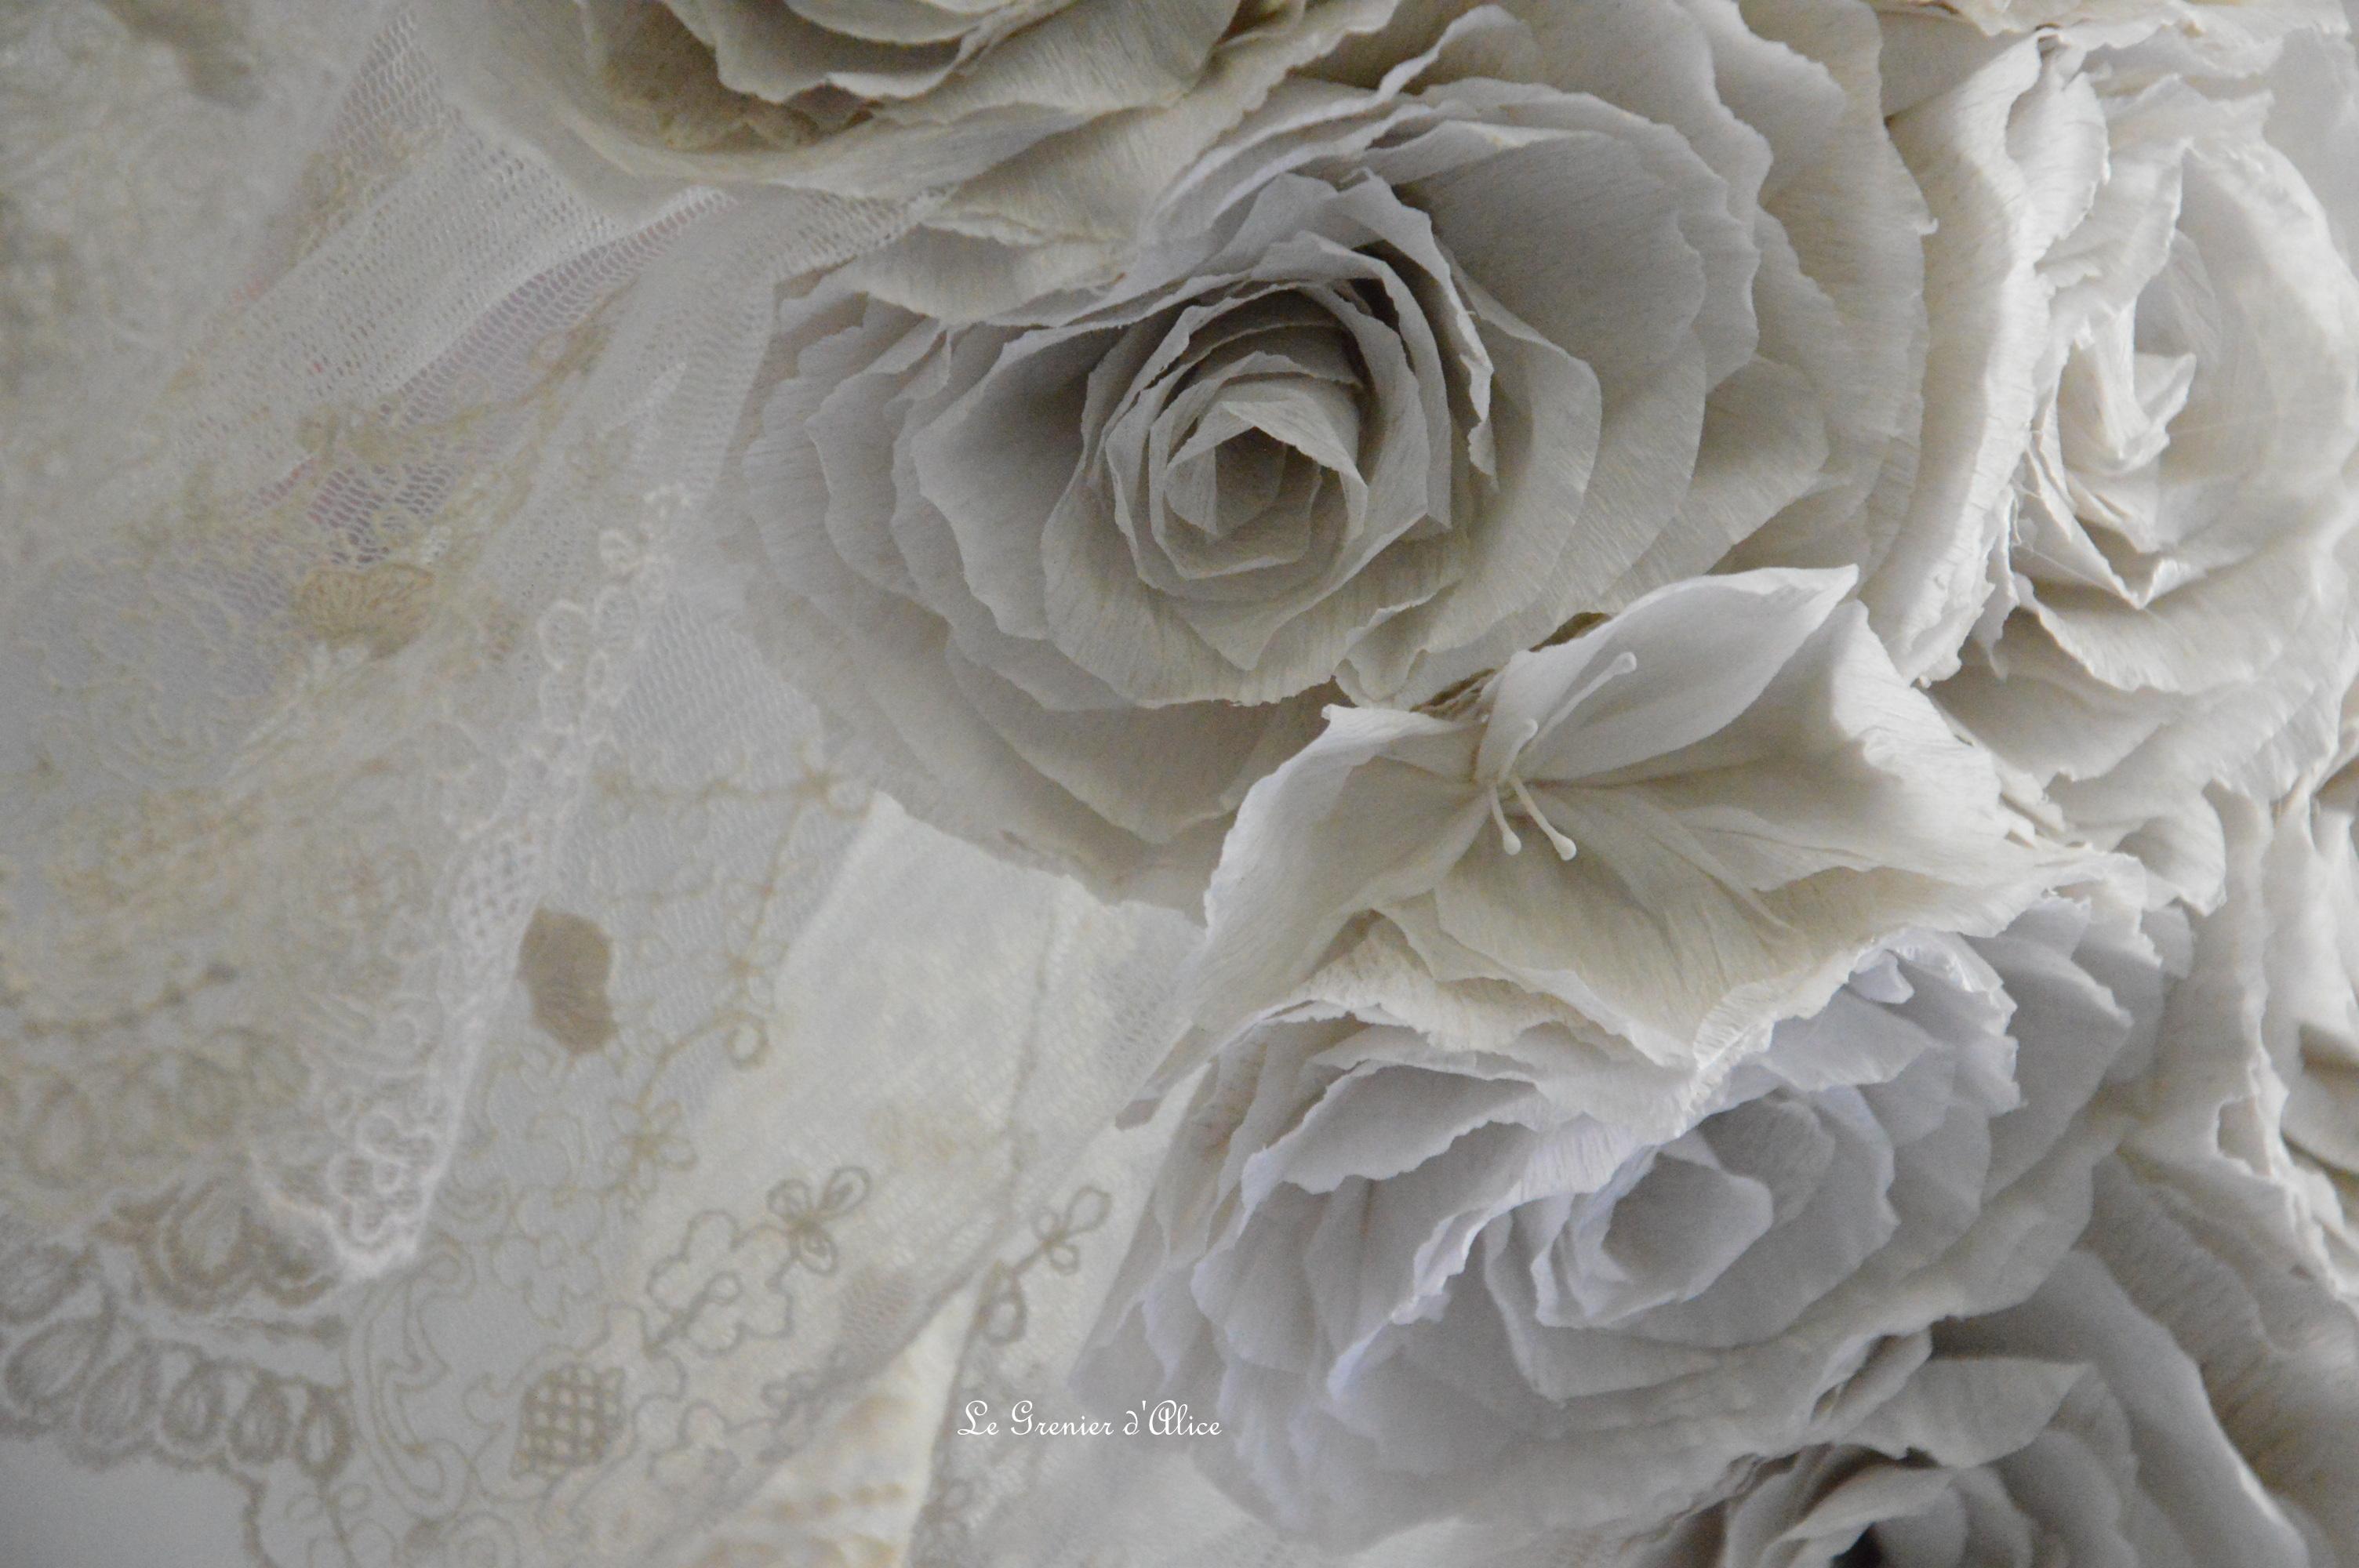 Guirlande rose papier crepon rose poudré couleur lin shabby chic romantique romantic rozen couronne rose dentelle voile mariée jute ruban 4